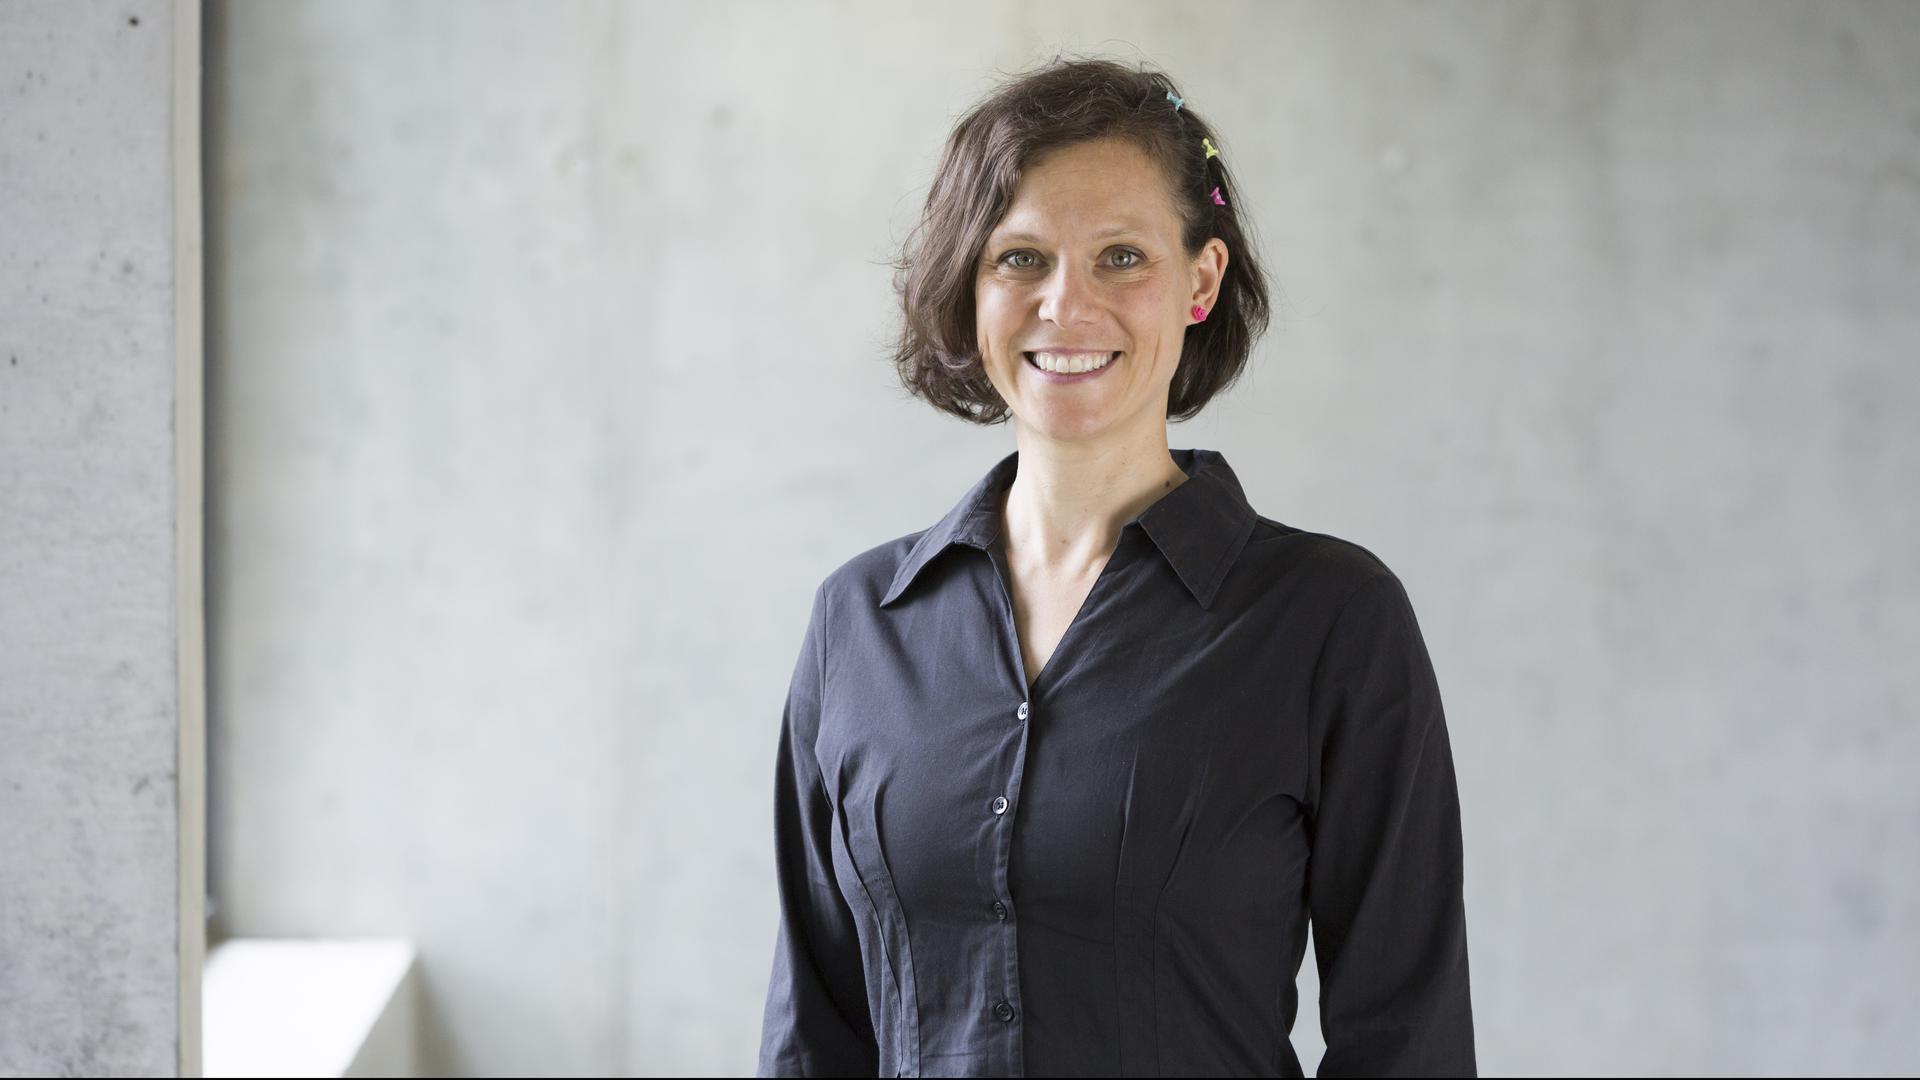 """Jule Kunkel ist wissenschaftliche Mitarbeiterin am Sportinstitut des Karlsruher Instituts für Technologie (KIT) und Leiterin von """"ActivityKIT""""."""